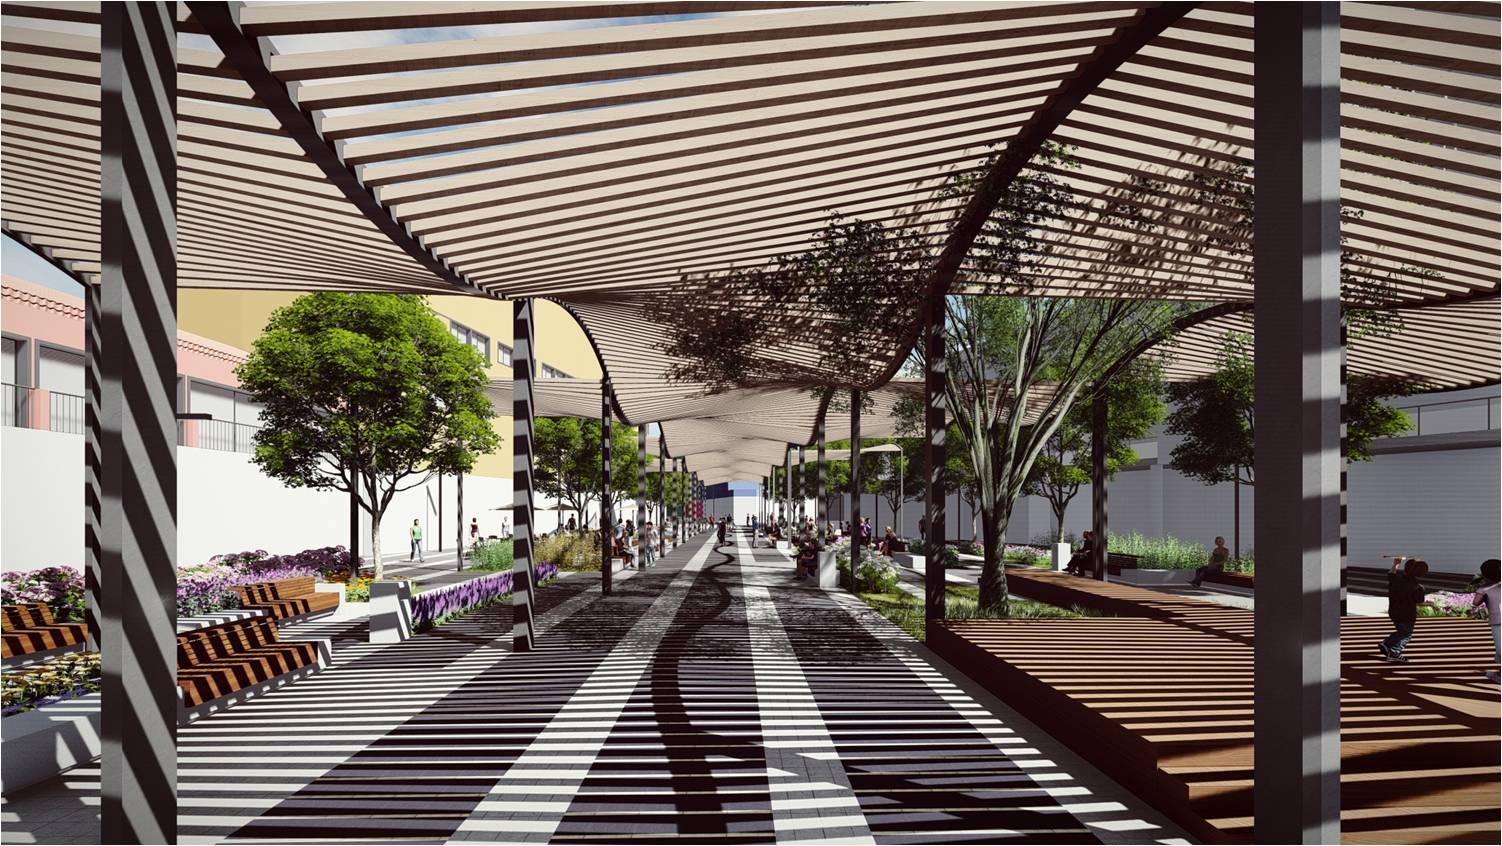 Las obras de peatonalización de la plaza Costa del Sol de Torremolinos comenzarán en enero y concluirán a finales de 2018